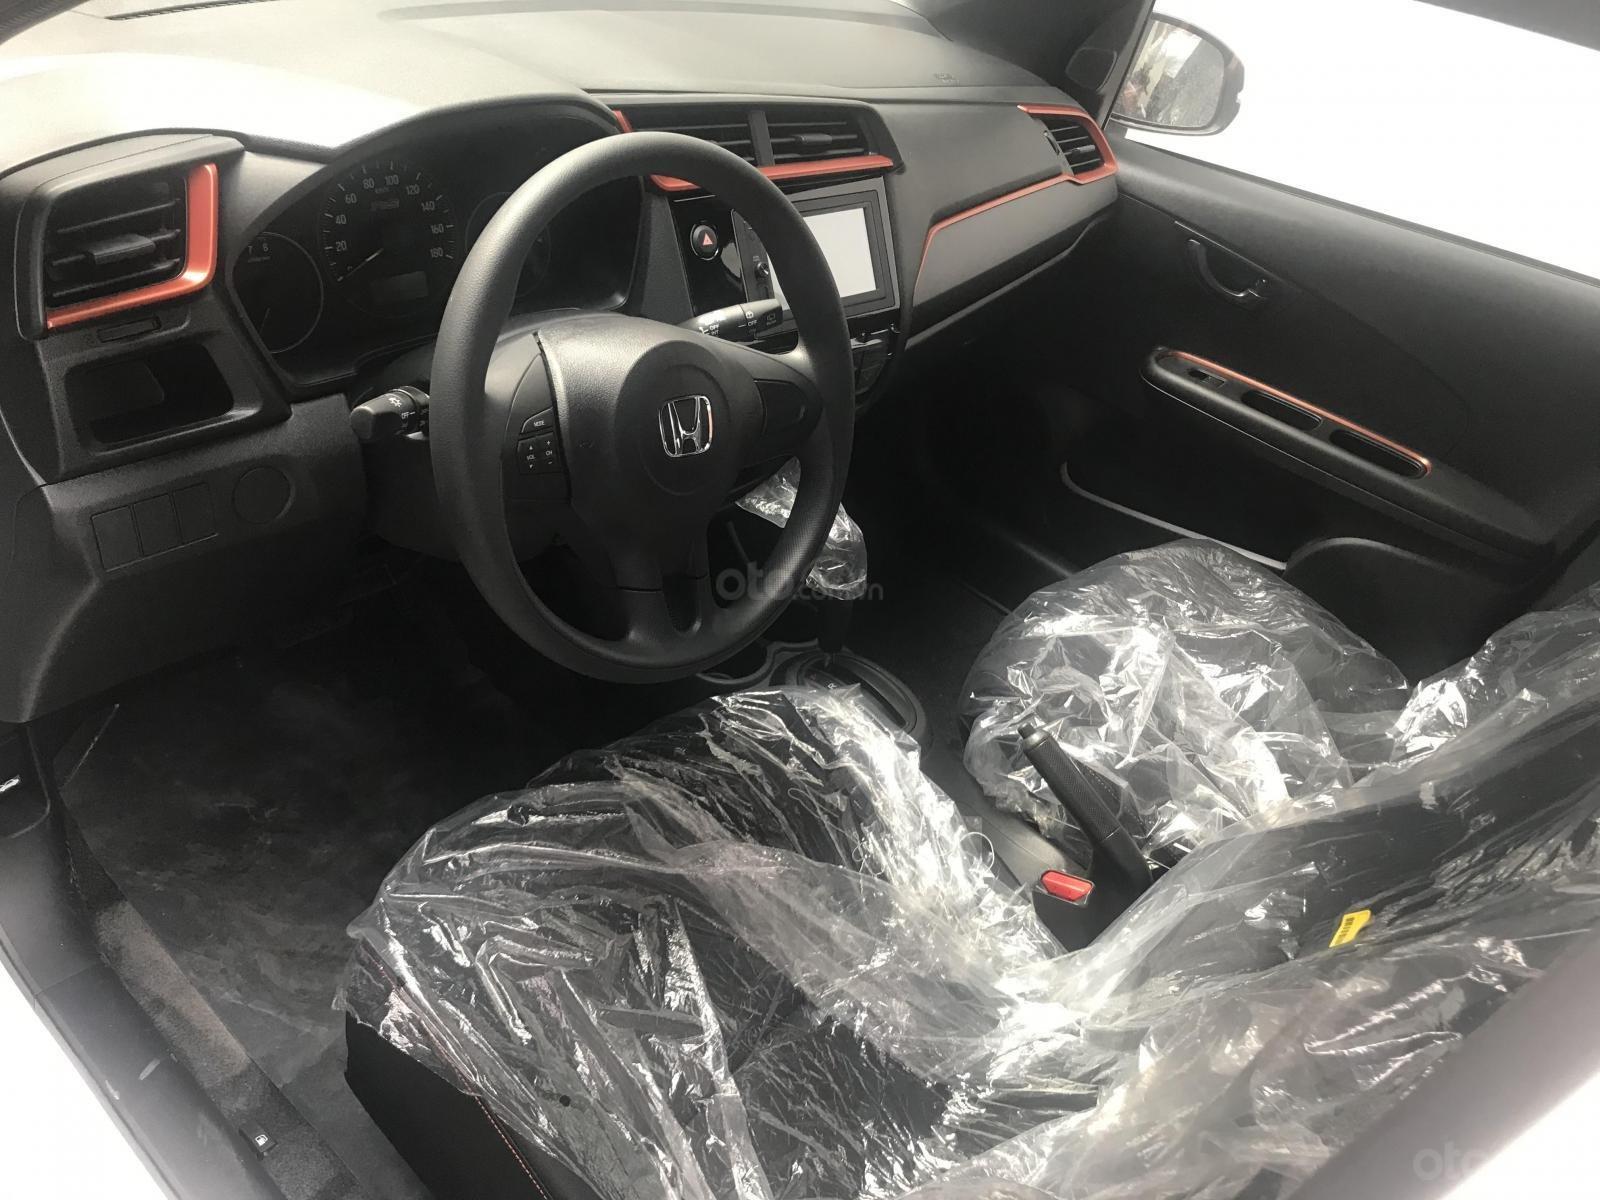 Honda Mỹ Đình - Bán Honda Brio 2020 nhập khẩu giá rẻ đủ màu giao ngay, LH: 0978.776.360 (4)